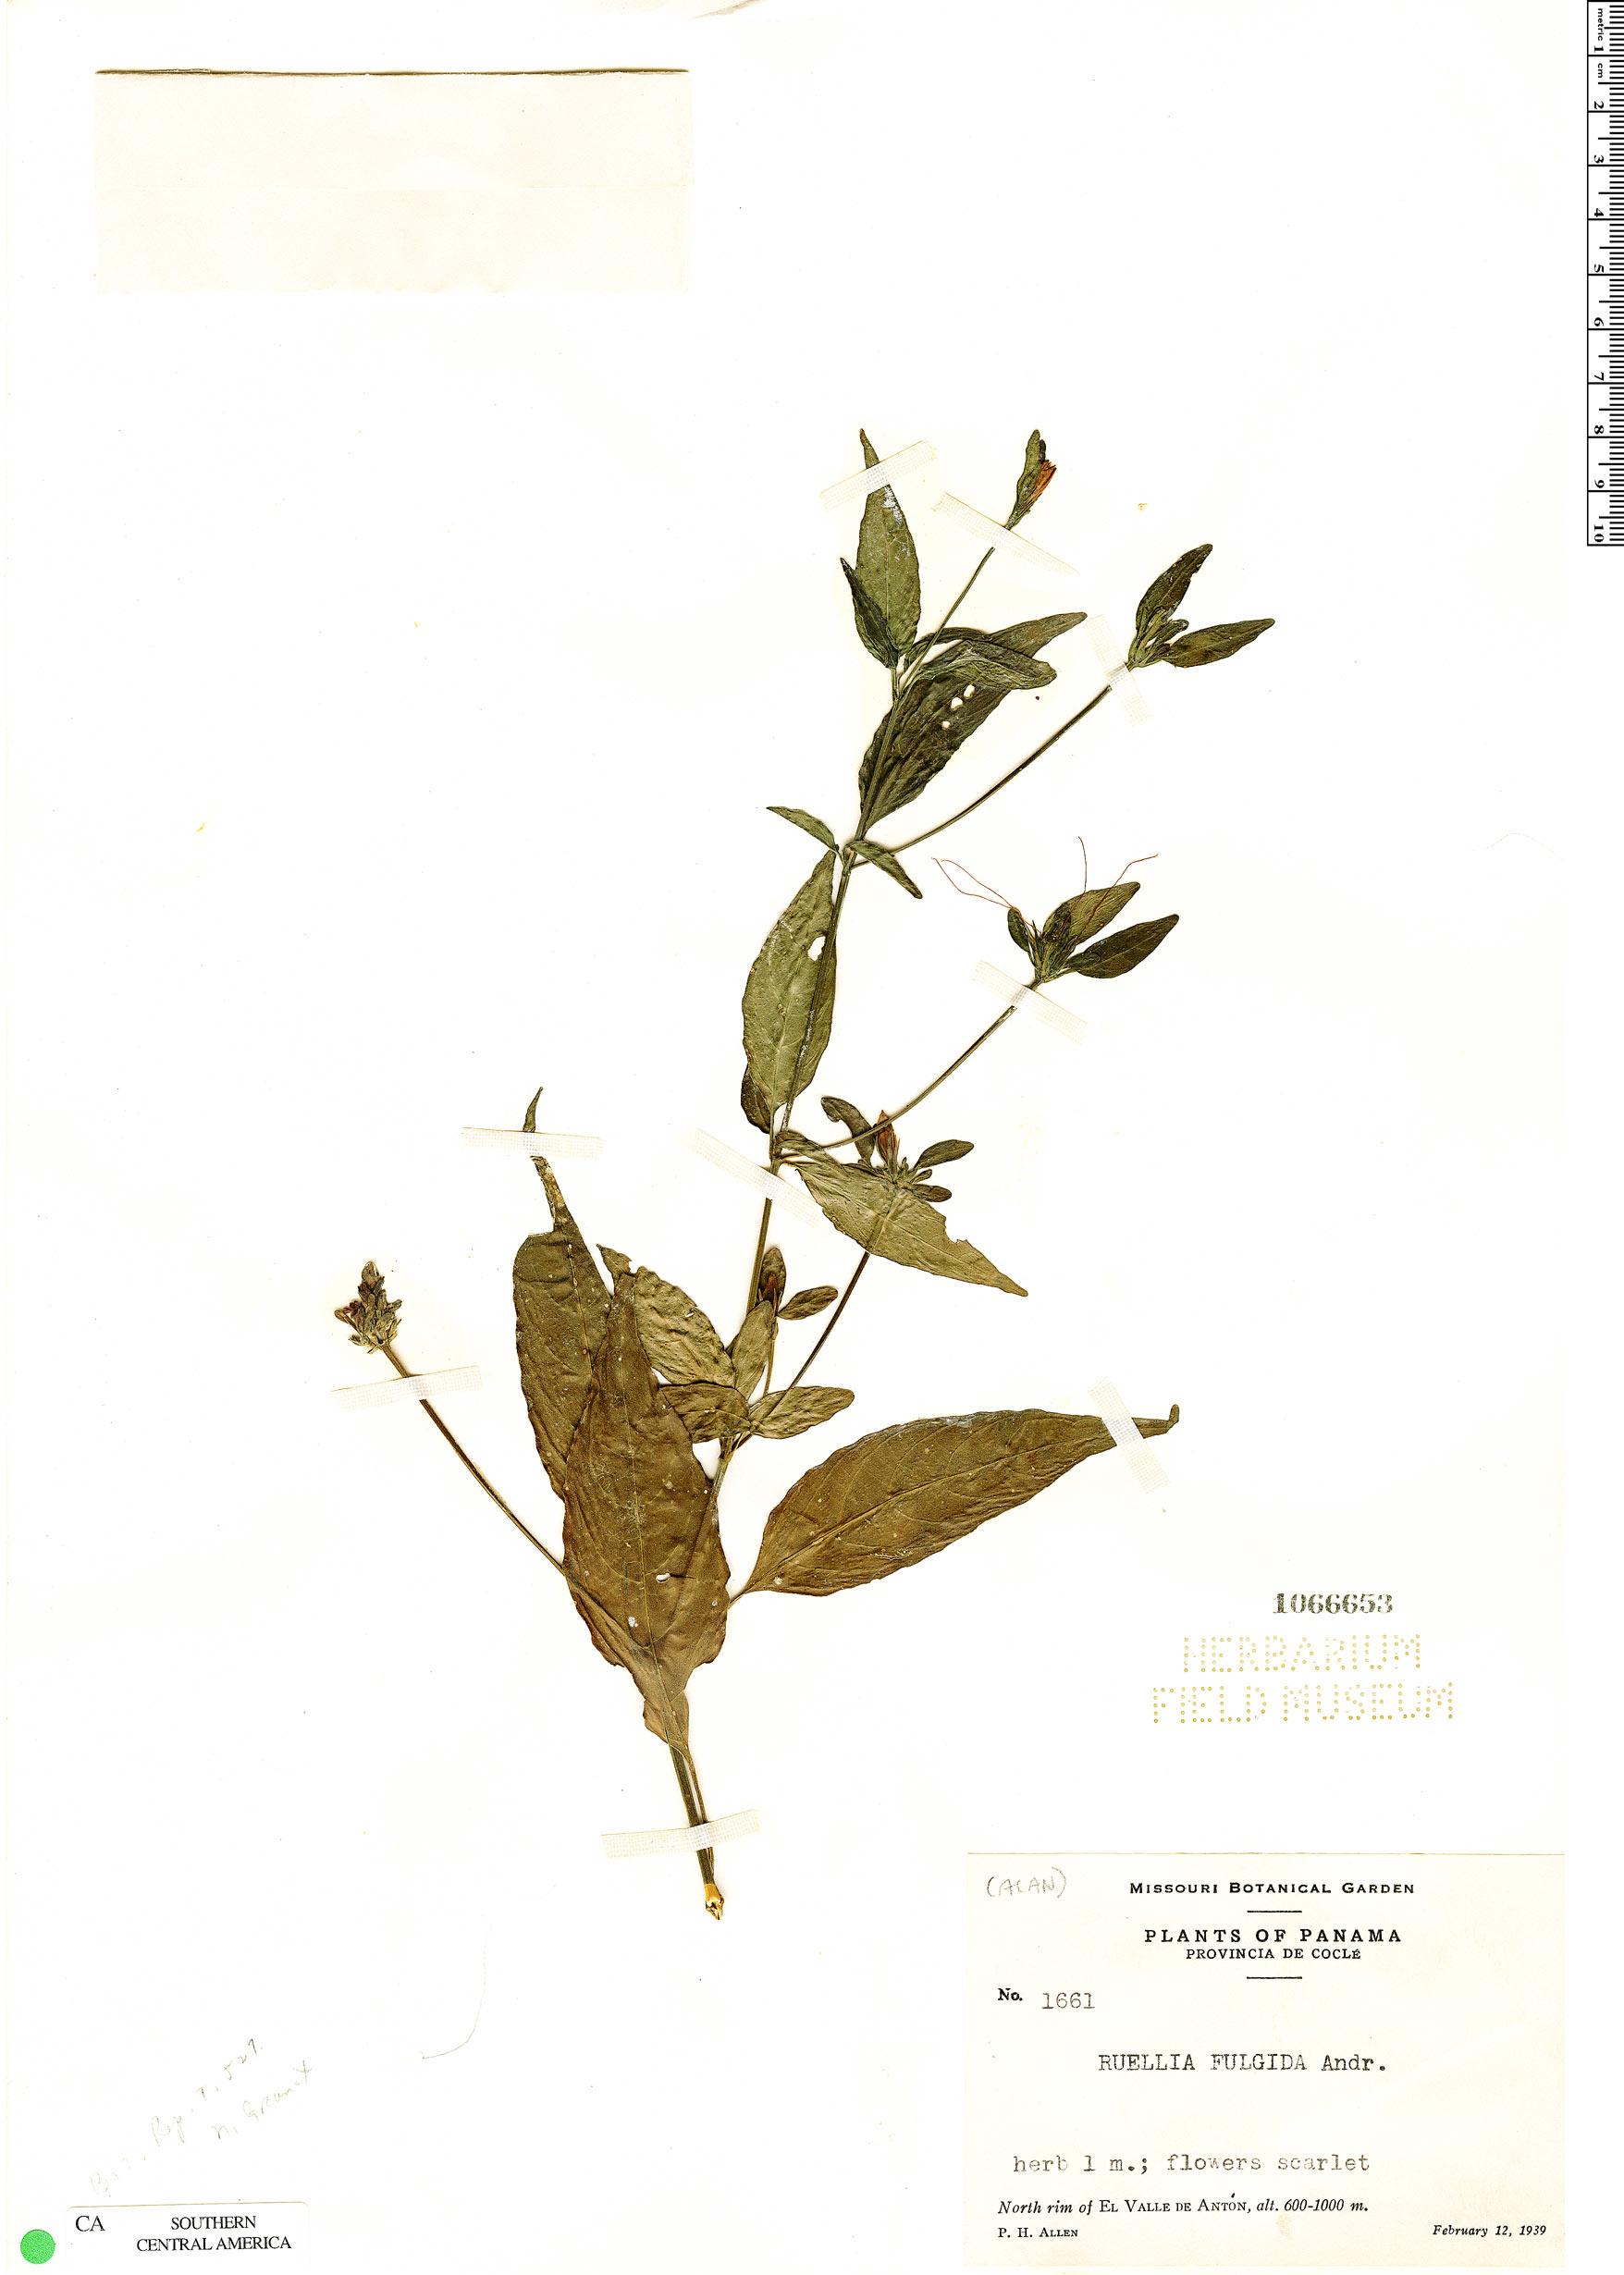 Espécime: Ruellia fulgida